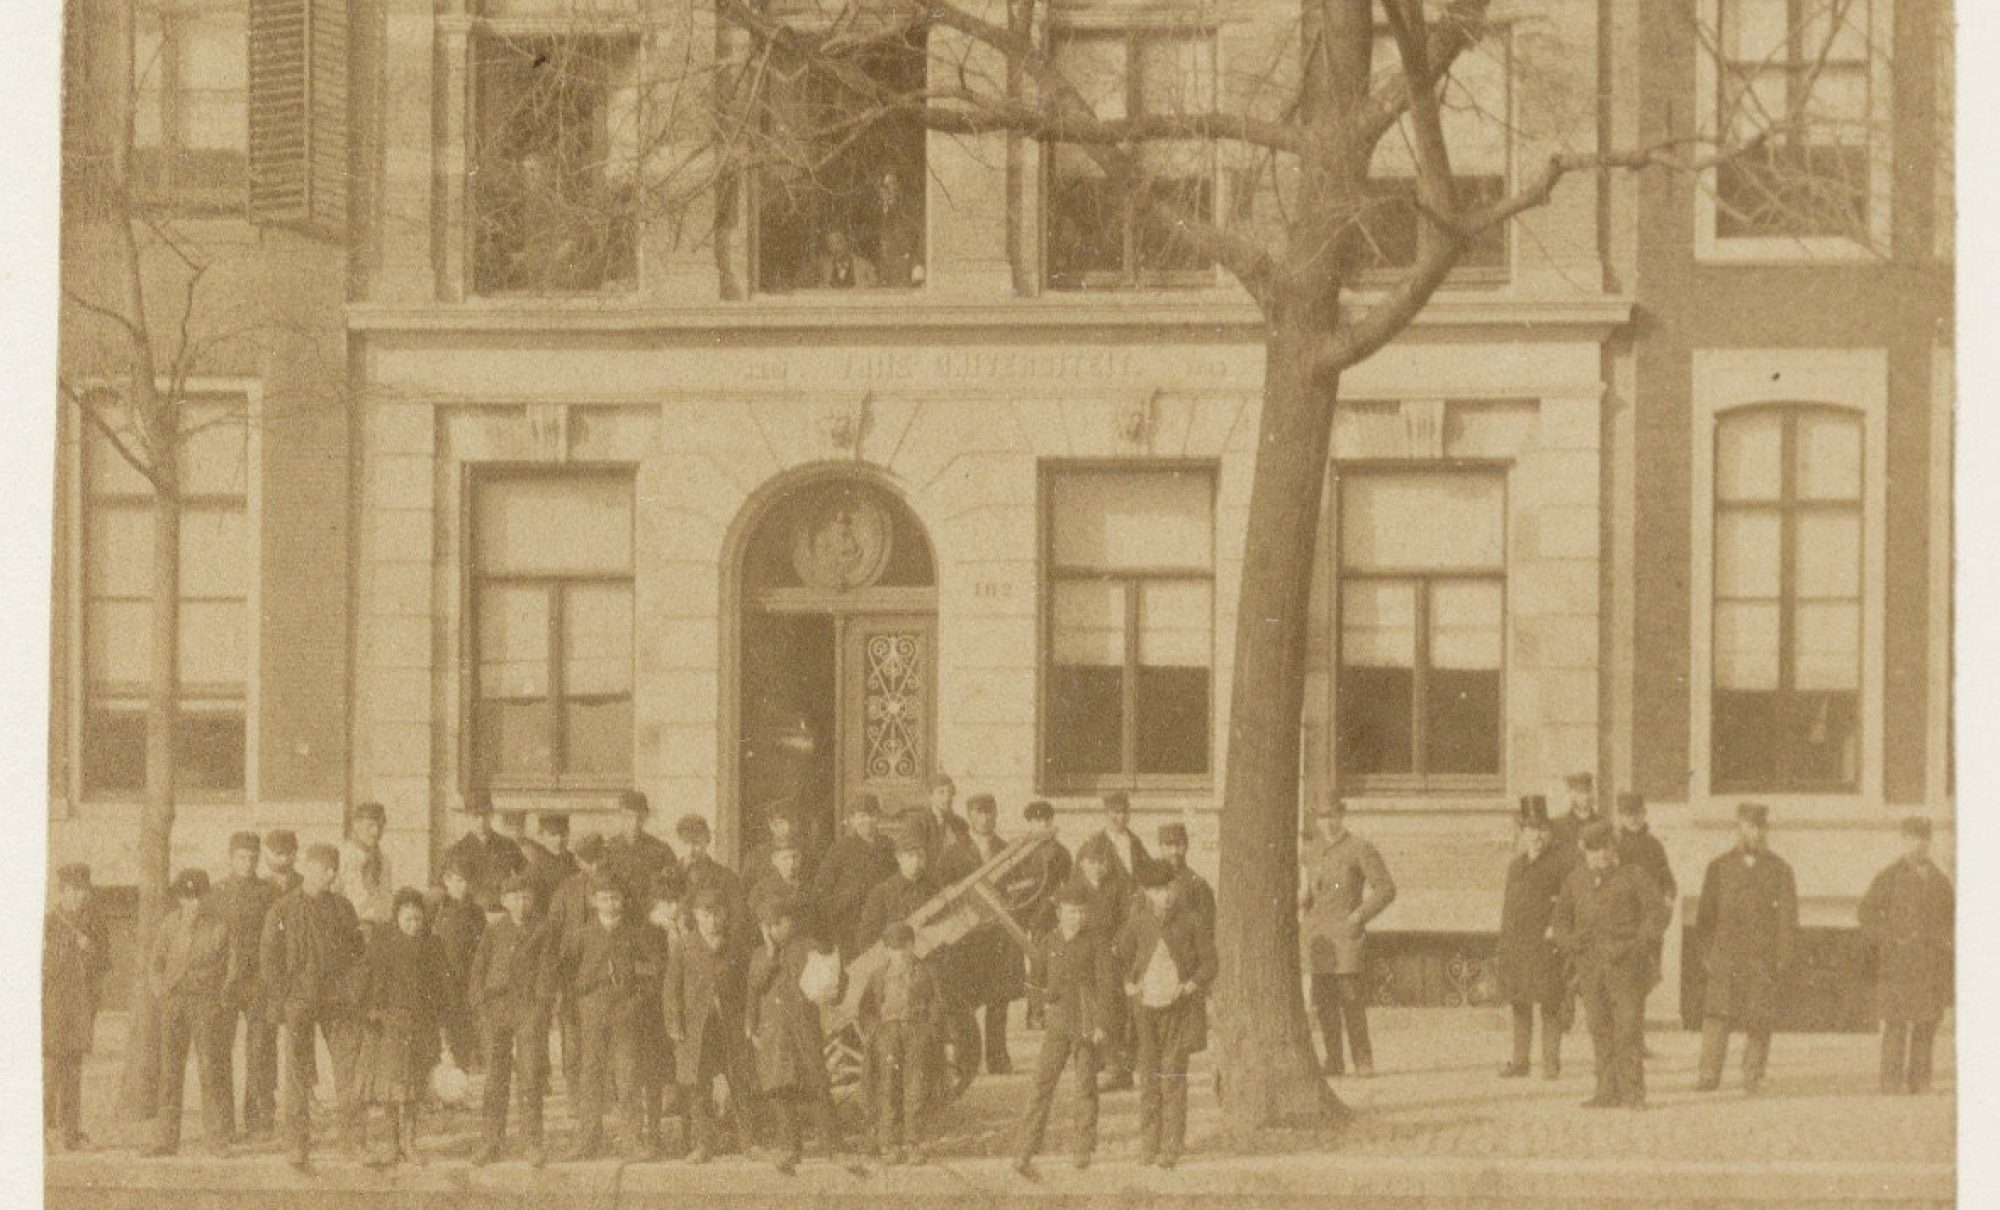 The Bavinck Institute